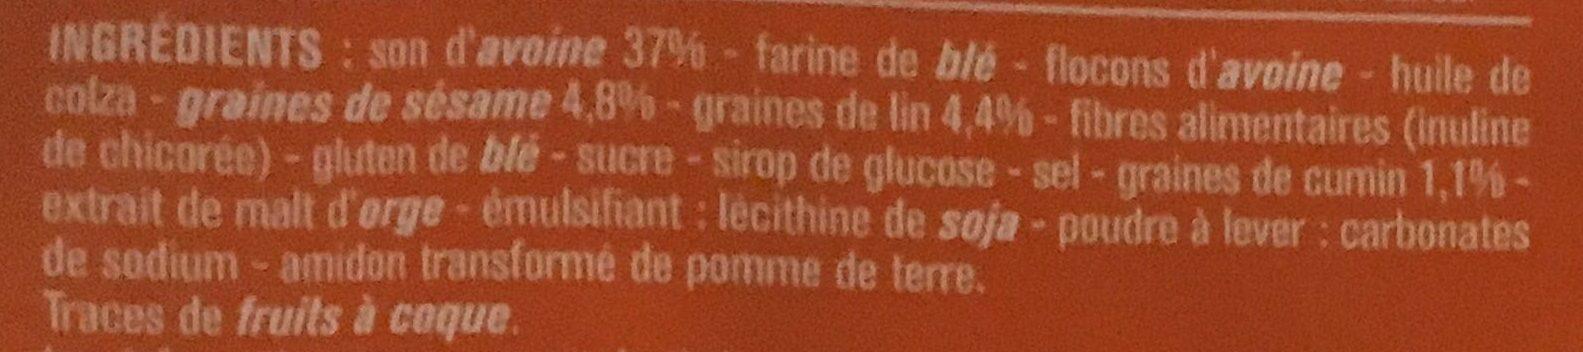 Craquelins au son d'avoine sésame lin & cumin - Ingredients